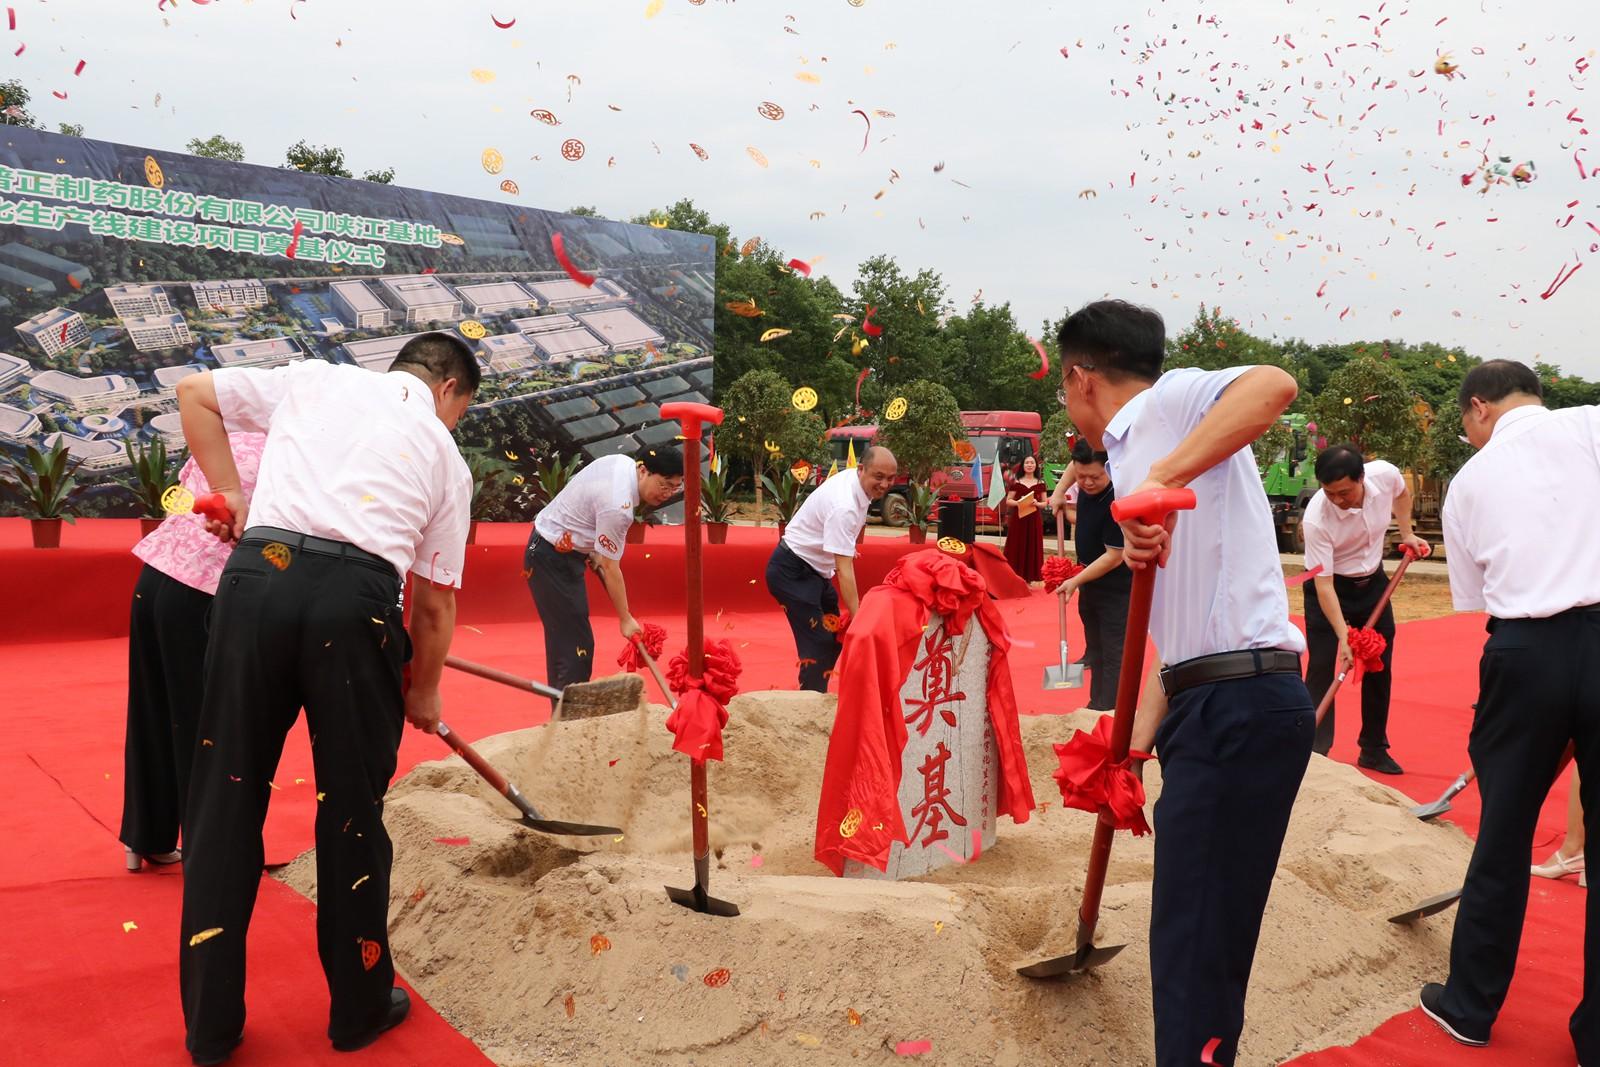 启航新征程,普正制药峡江基地数字化生产线项目举行开工奠基仪式